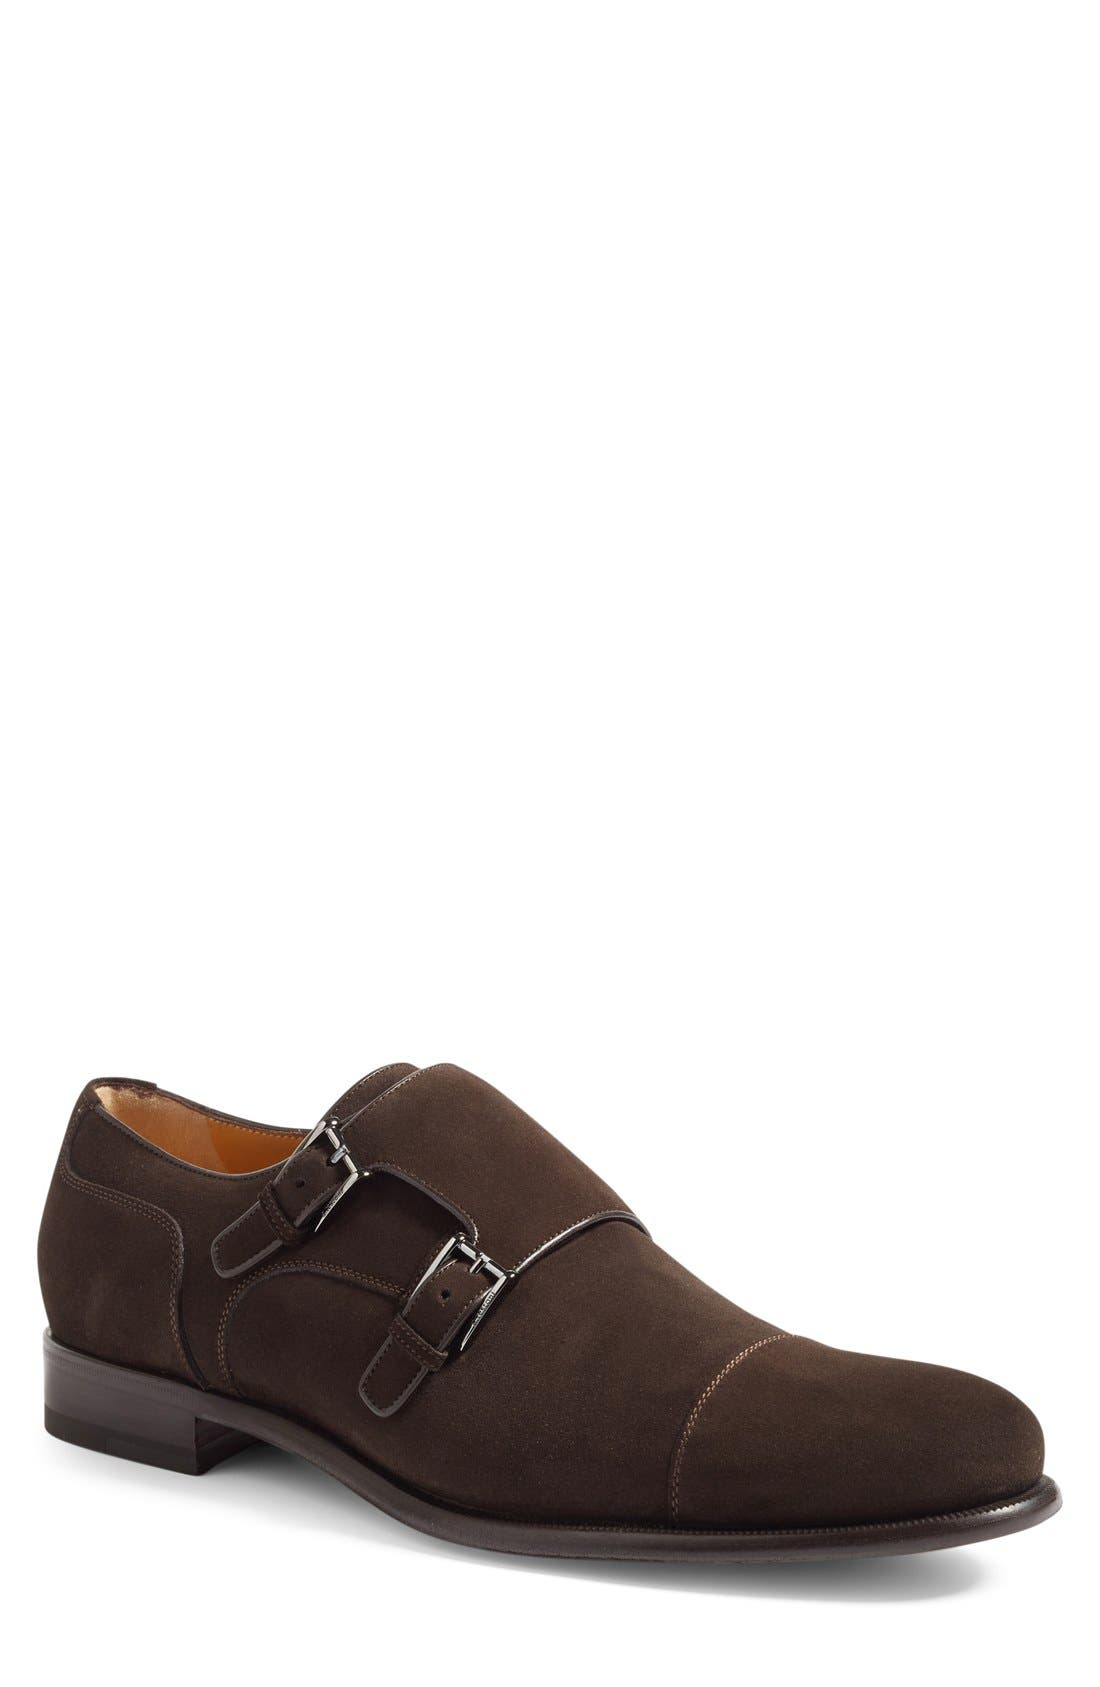 Double Monk Strap Shoe,                             Main thumbnail 1, color,                             Dark Brown Suede